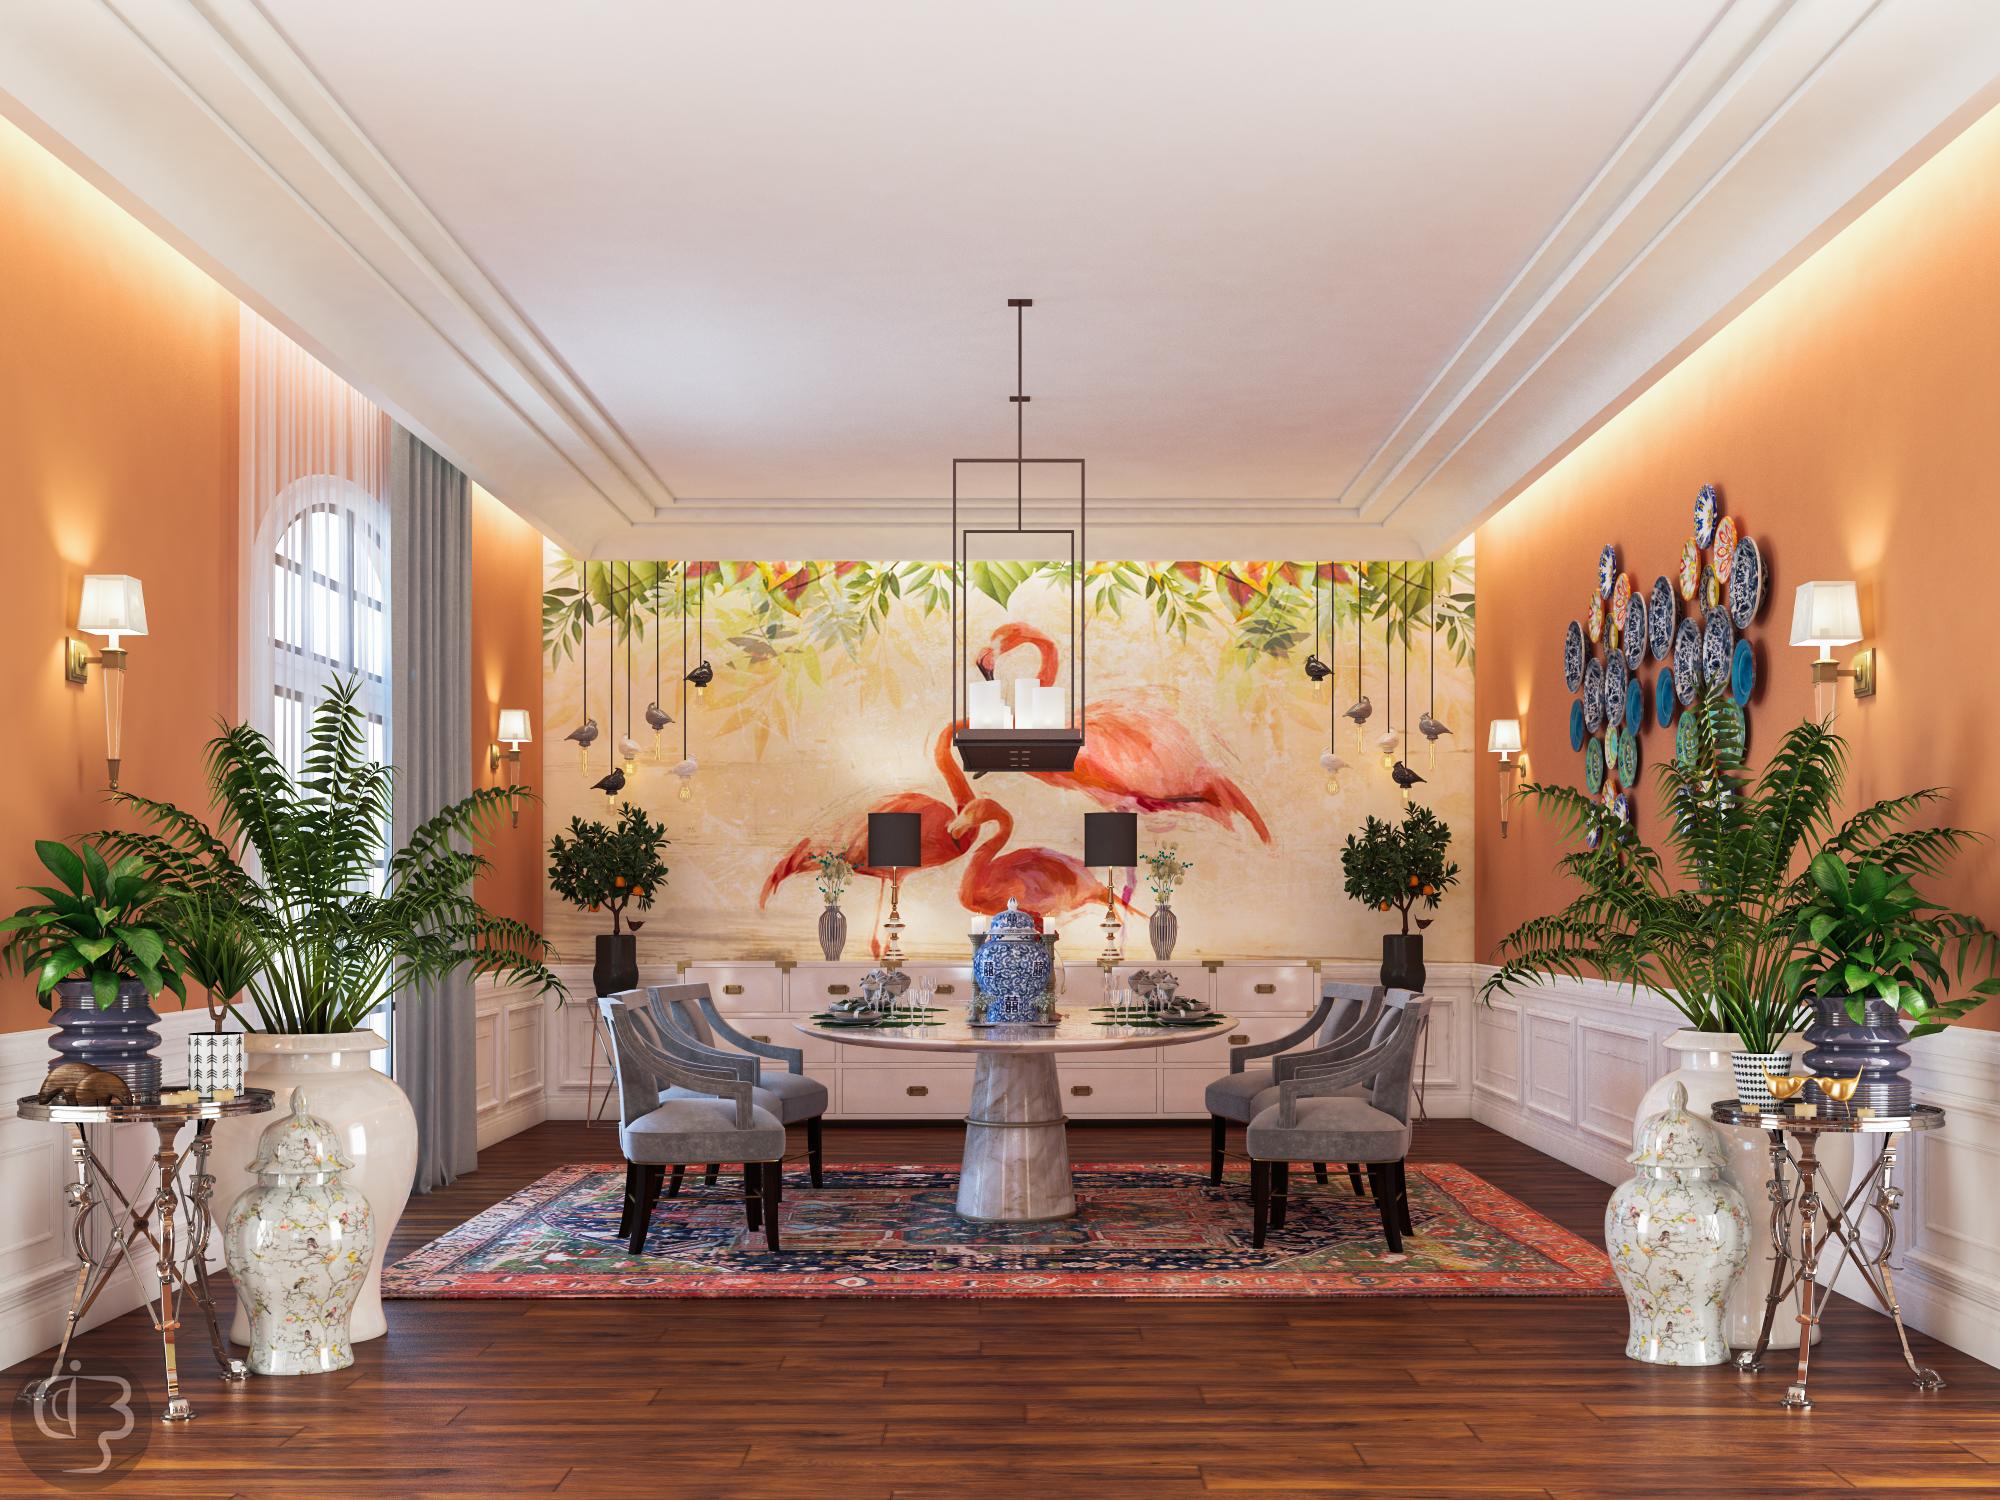 дизайн интерьера Красивый дизайн интерьера от Boshrainteriors Studio и BRABBU dining room by boshrainteriors 1